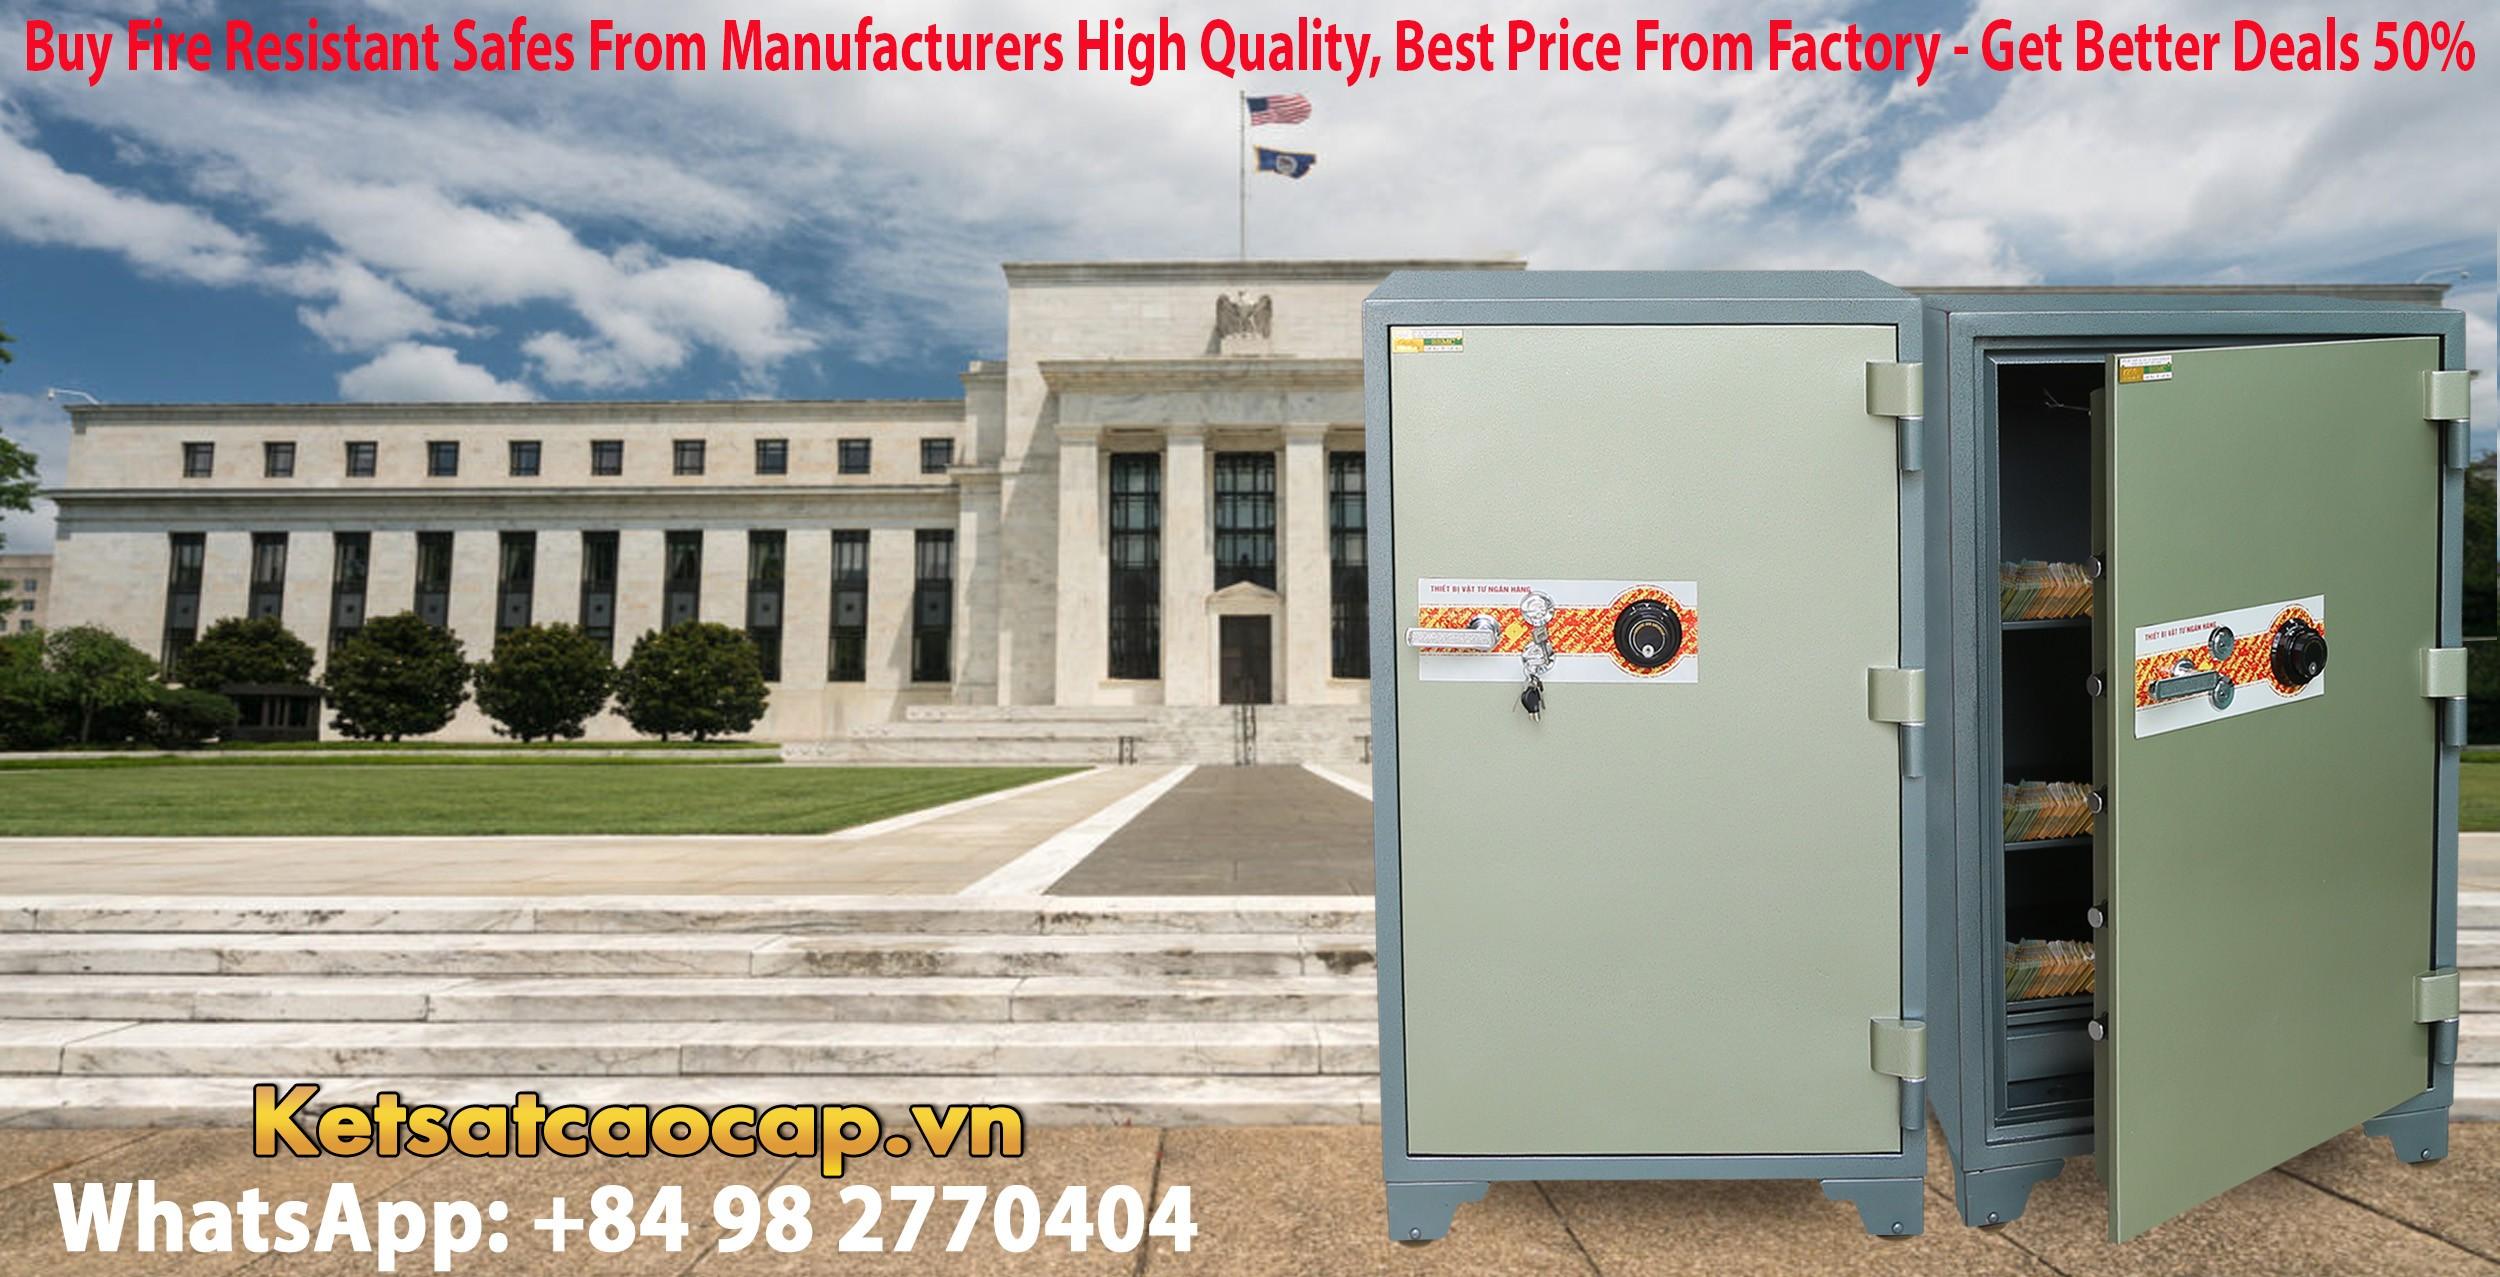 hình ảnh sản phẩm két sắt bemc ngân hàng cao cấp nha trang